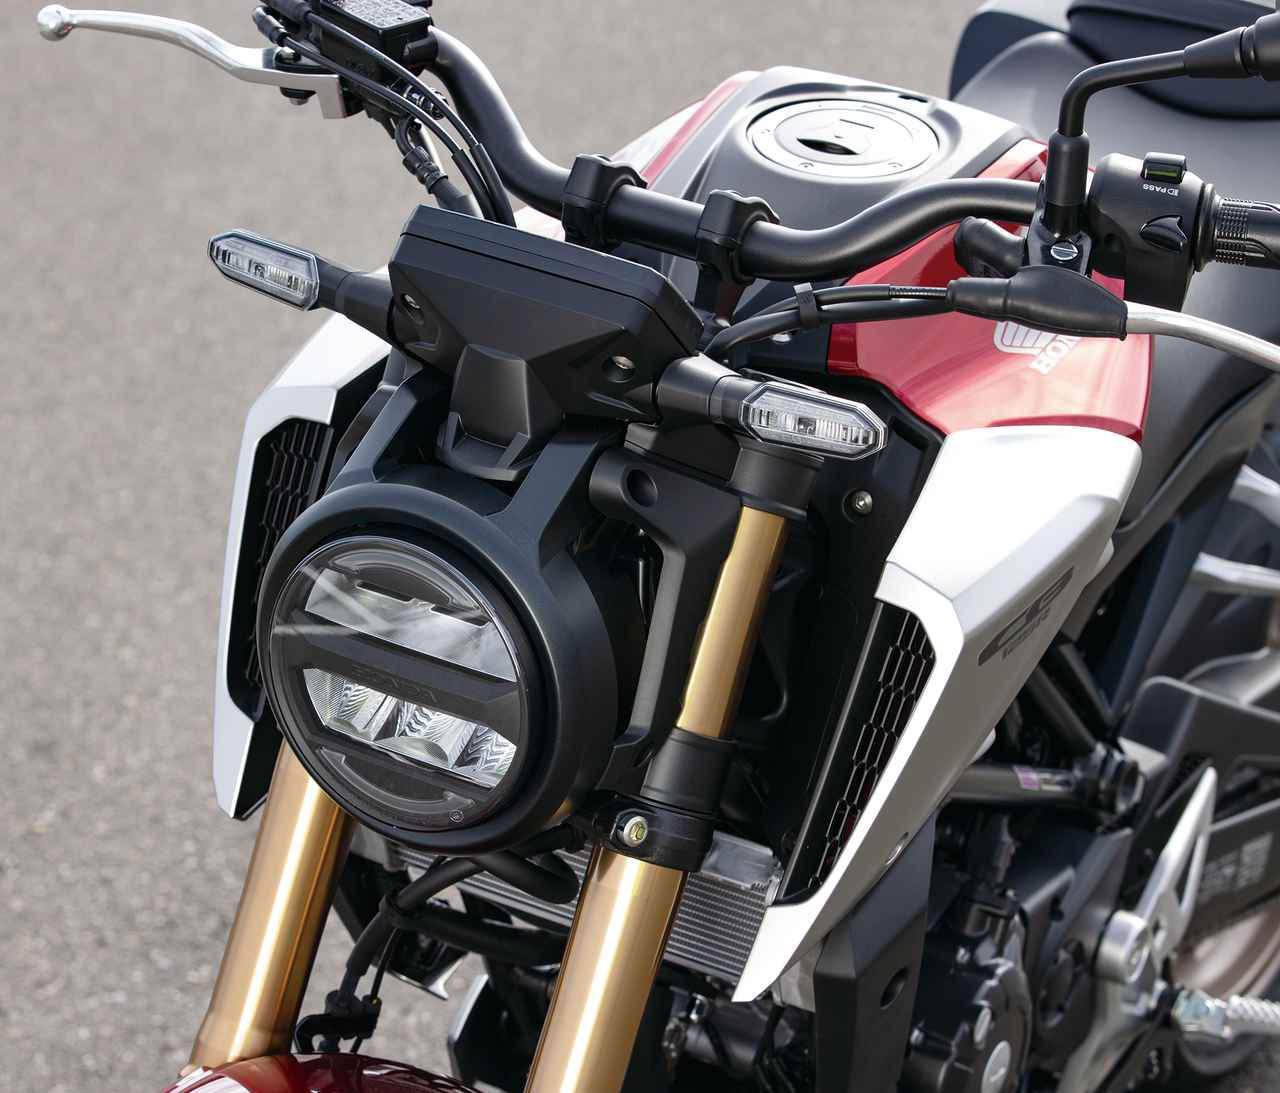 画像: LEDヘッドライトは兄貴分であるCB250Rとも共通のデザイン。ユニットを薄型とすることでマスの集中化も狙う。